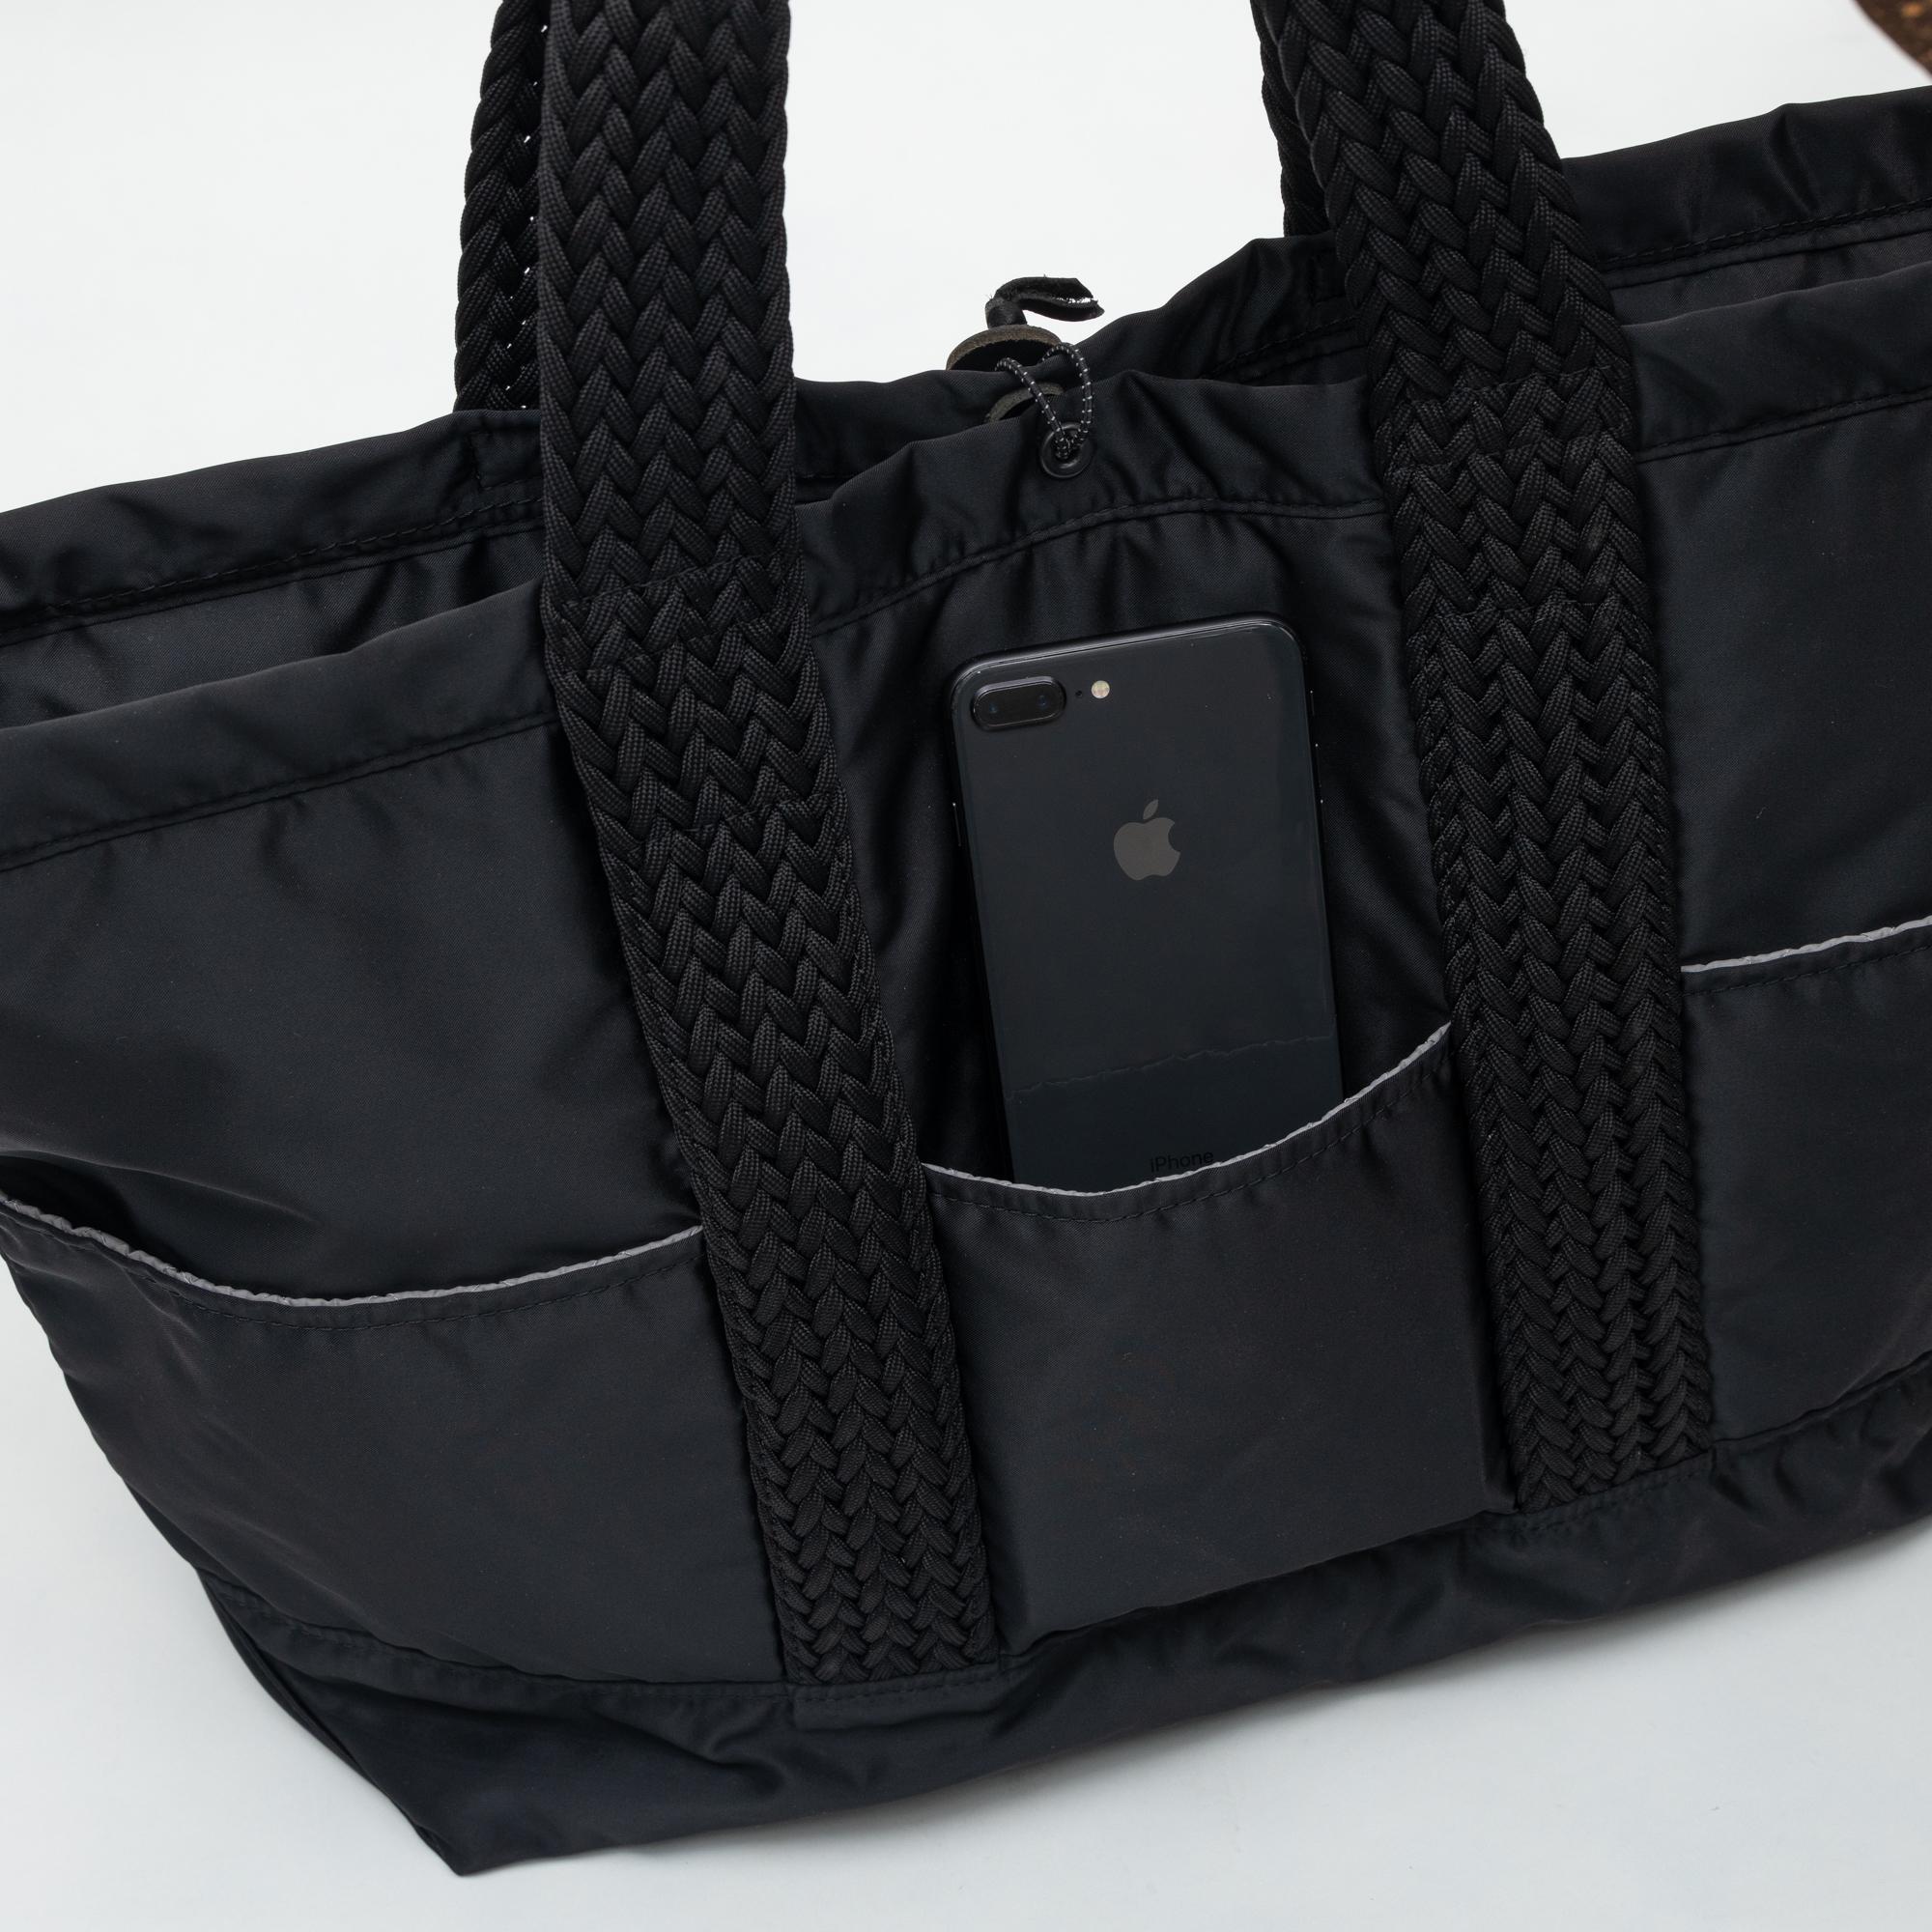 バルコニー トートバッグ -XL ブラック画像その6